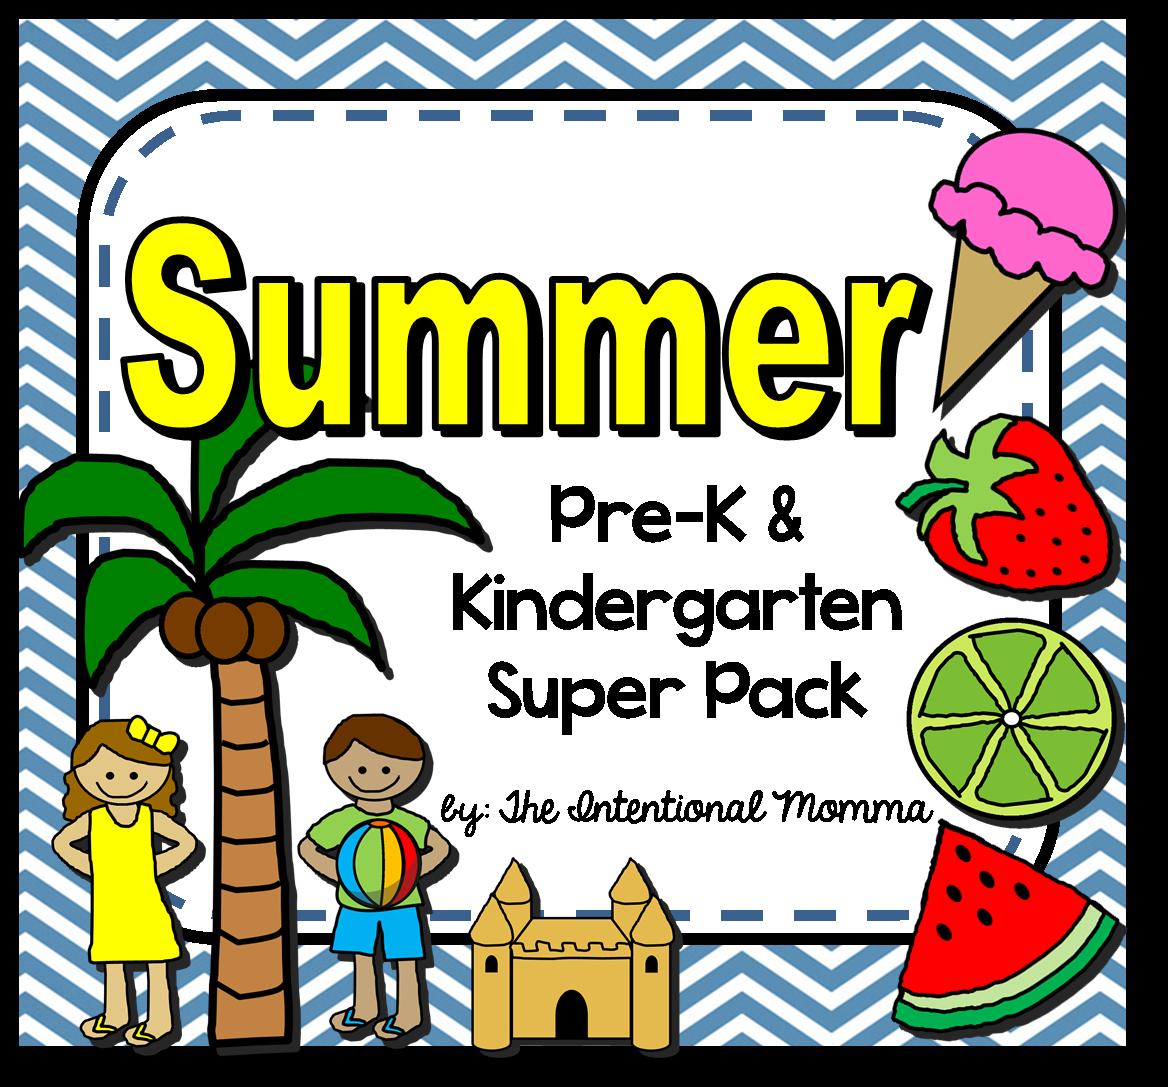 Free prekindergarten homework